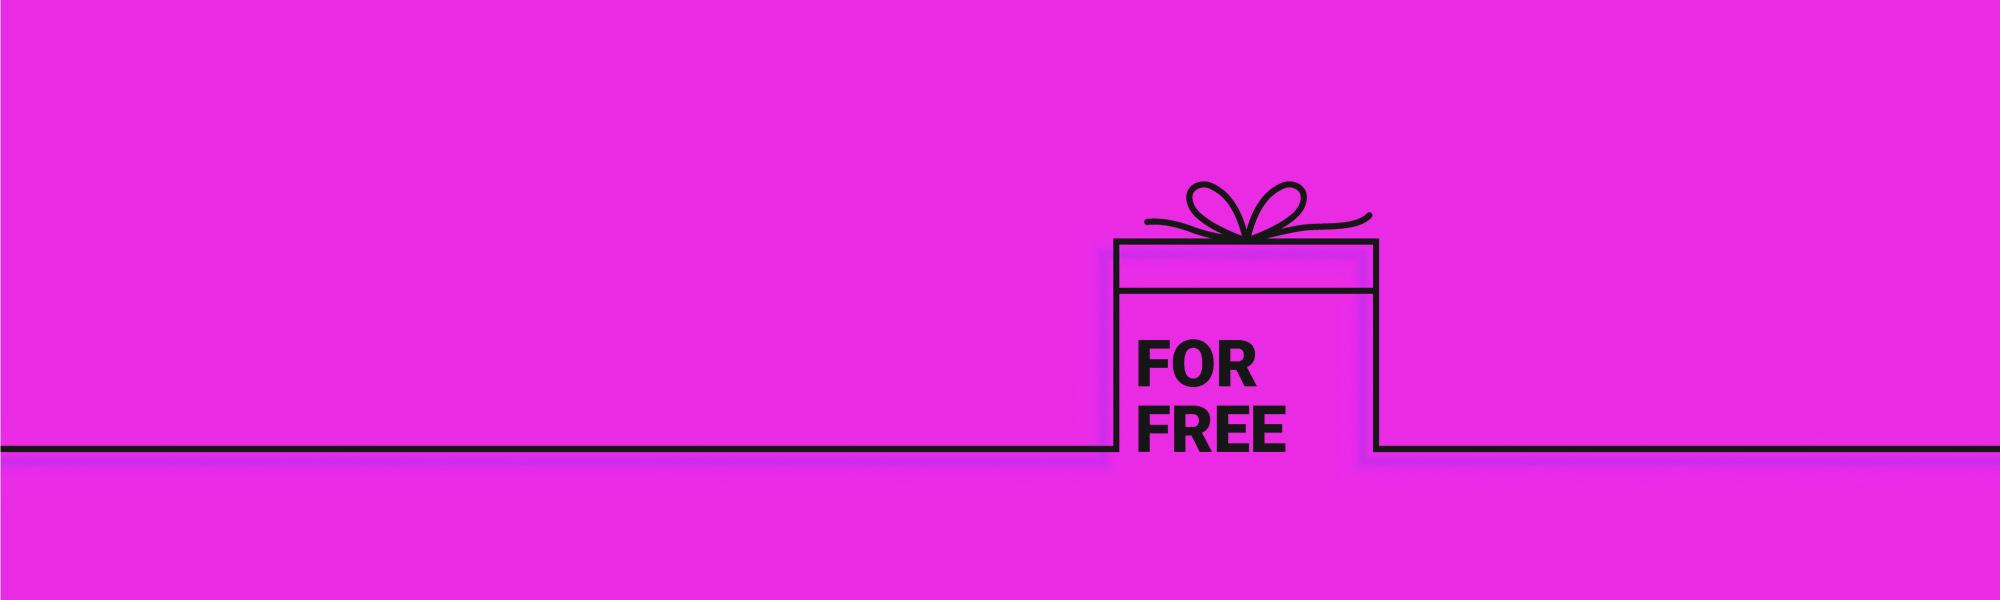 kostenlose Bilder & Grafiken